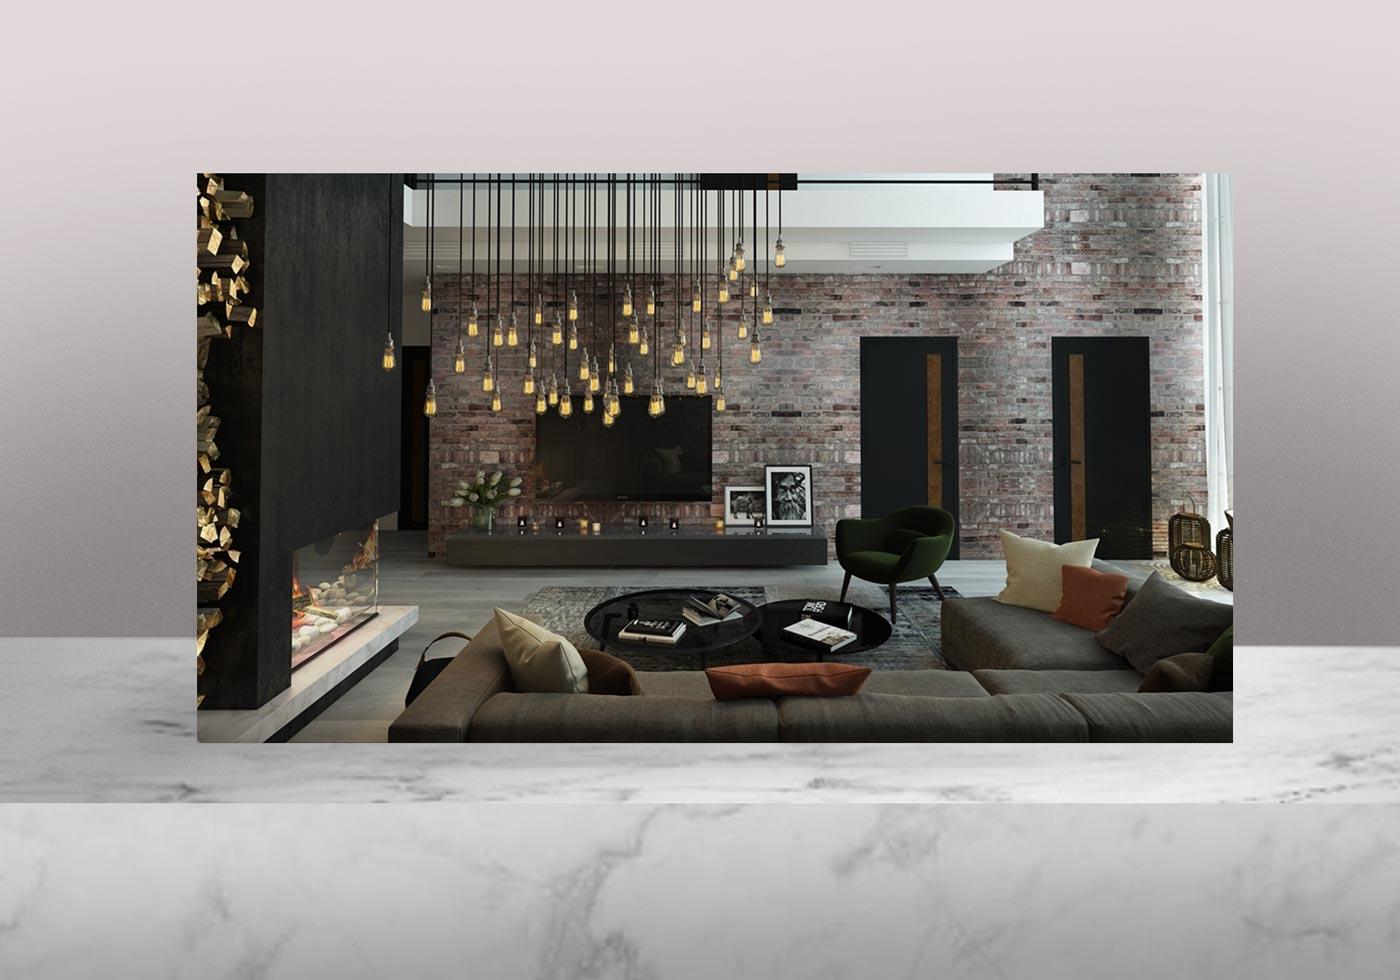 lighting interior design 5 - روش مختلف افزایش کاربرد نور خورشید در فضای داخلی